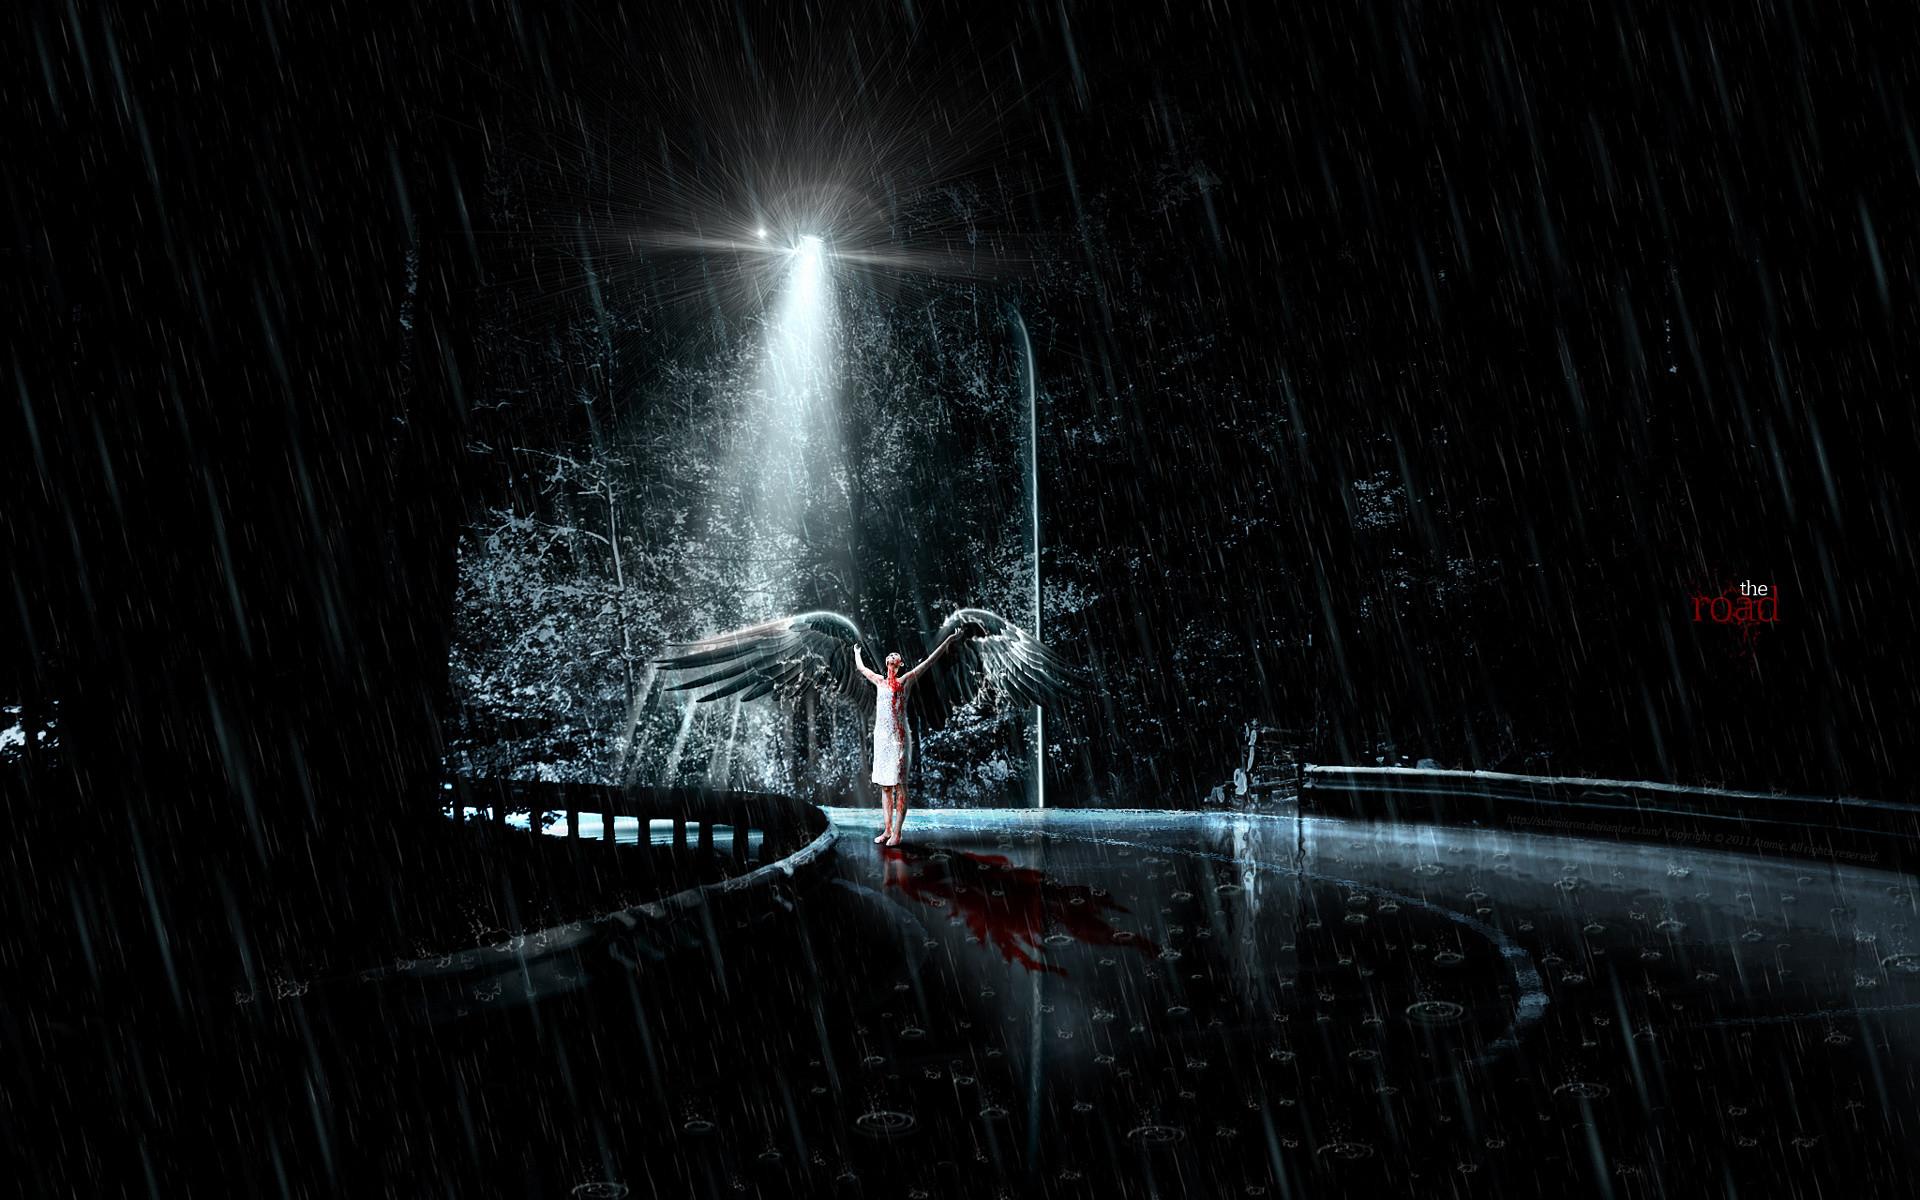 woman, angel, wings, rain, blood, road